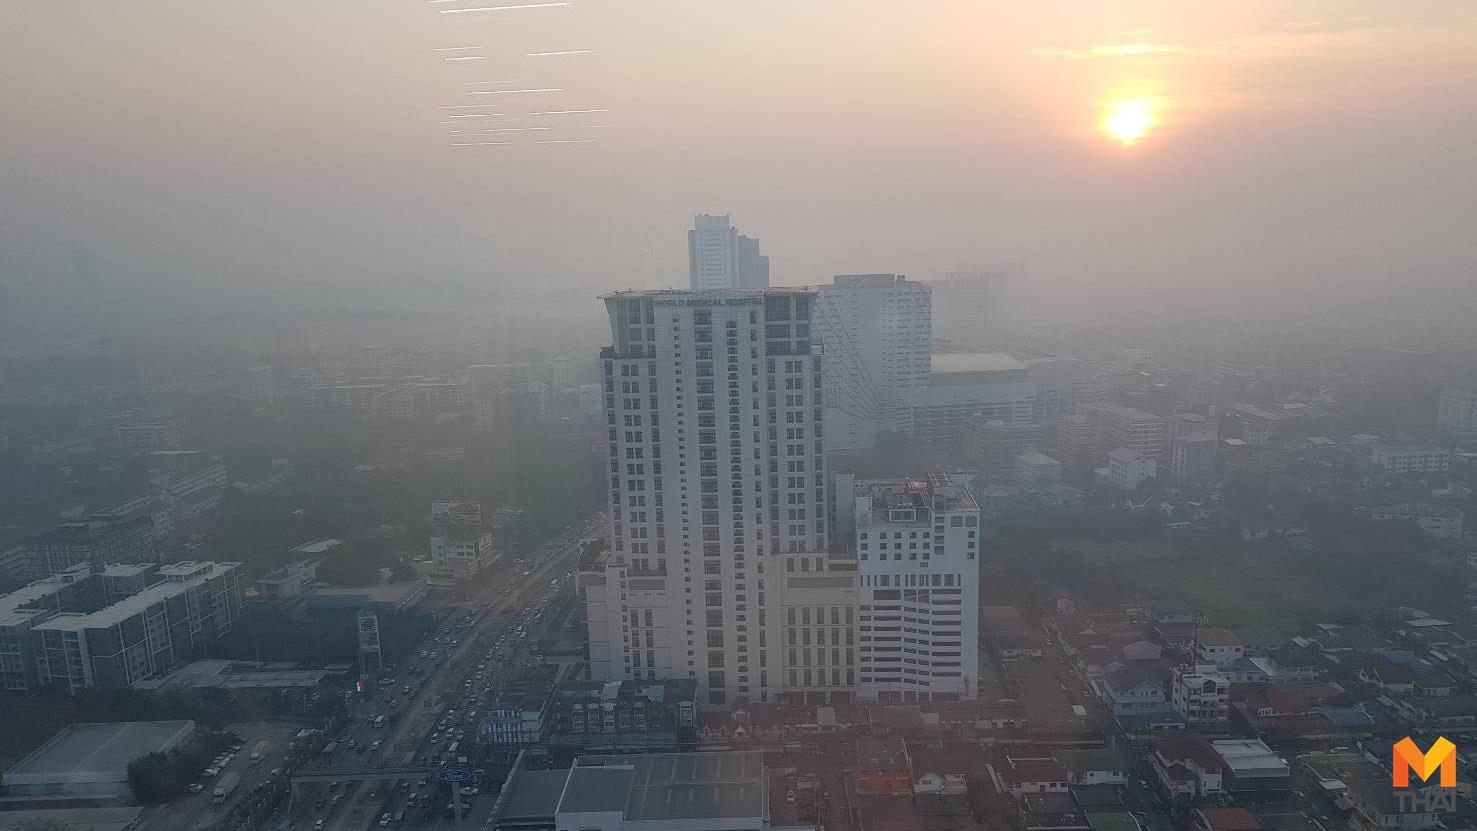 PM2.5 กรมควบคุมมลพิษ ฝุ่นละออง หมอกควัน